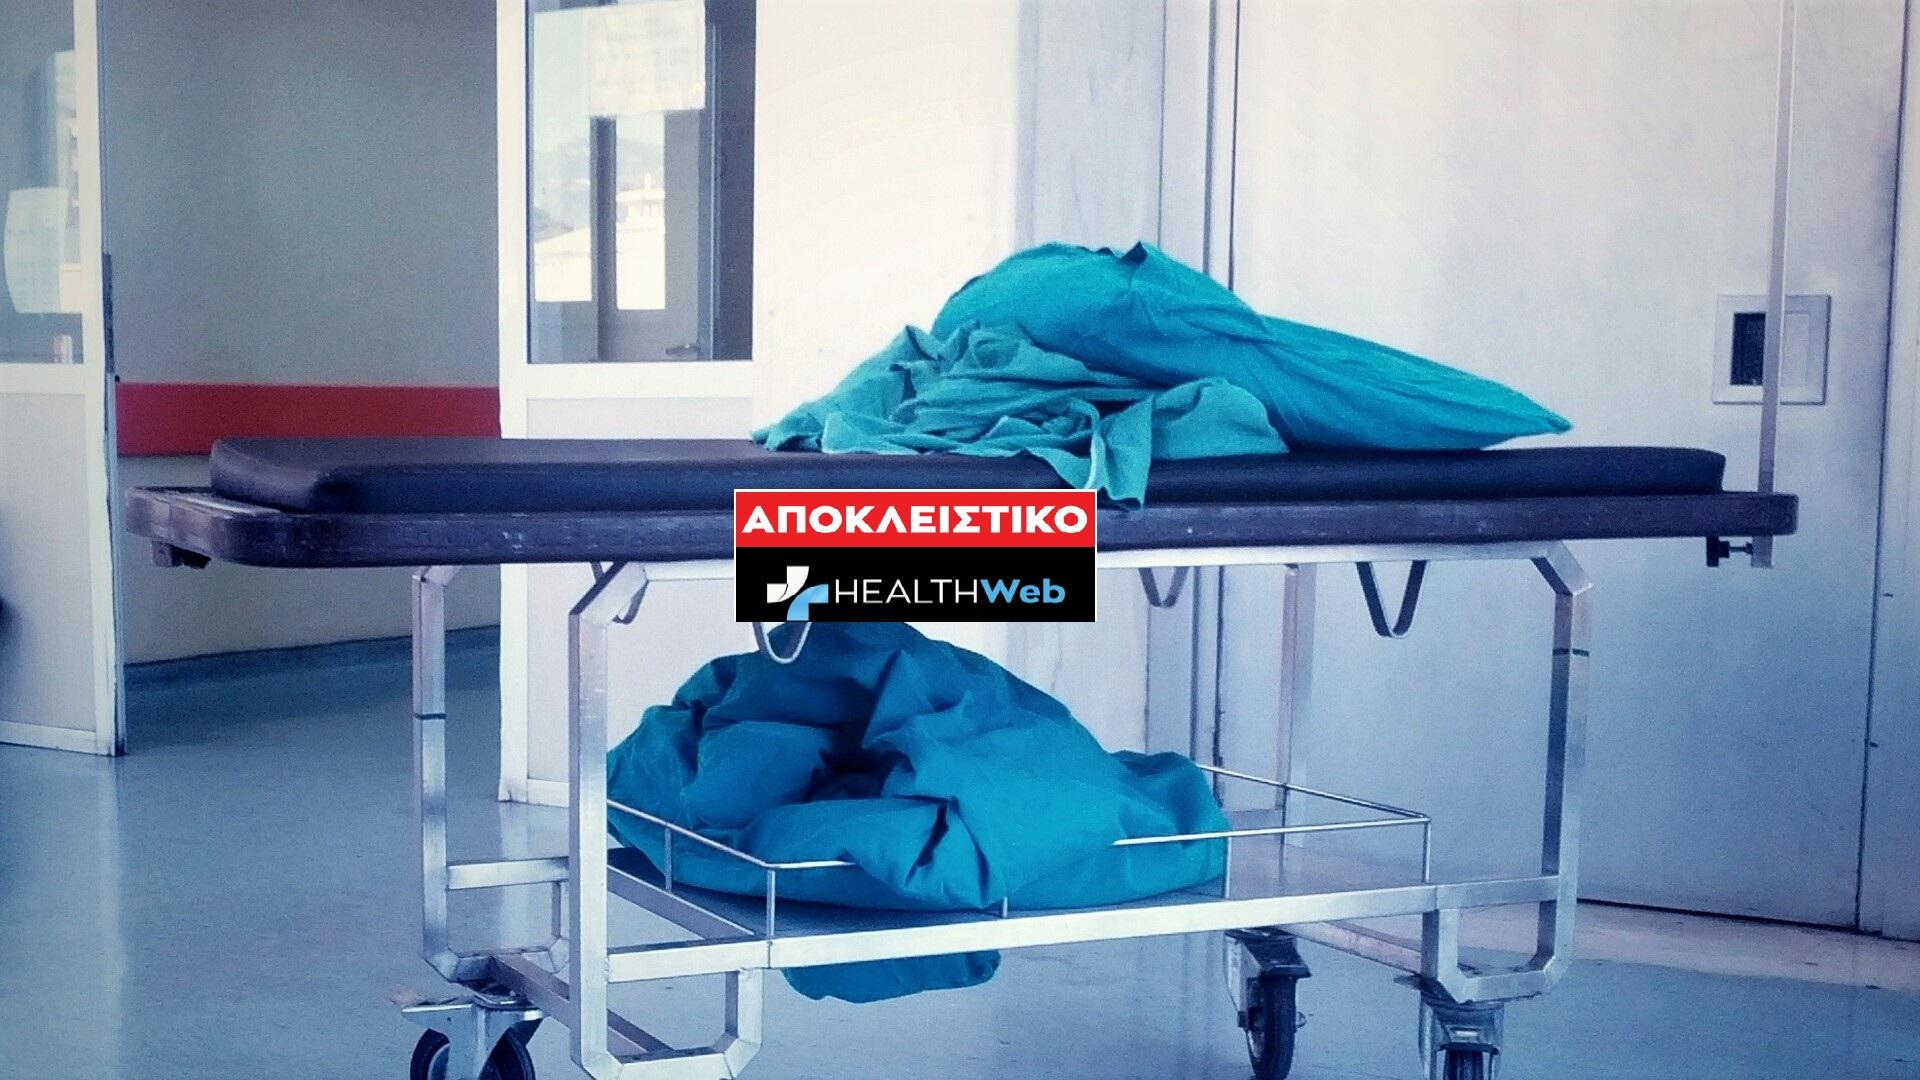 Αποκλειστικό: Τους ήρωες γιατρούς ' χτυπάει ' η ηγεσία του Υπουργείου Υγείας